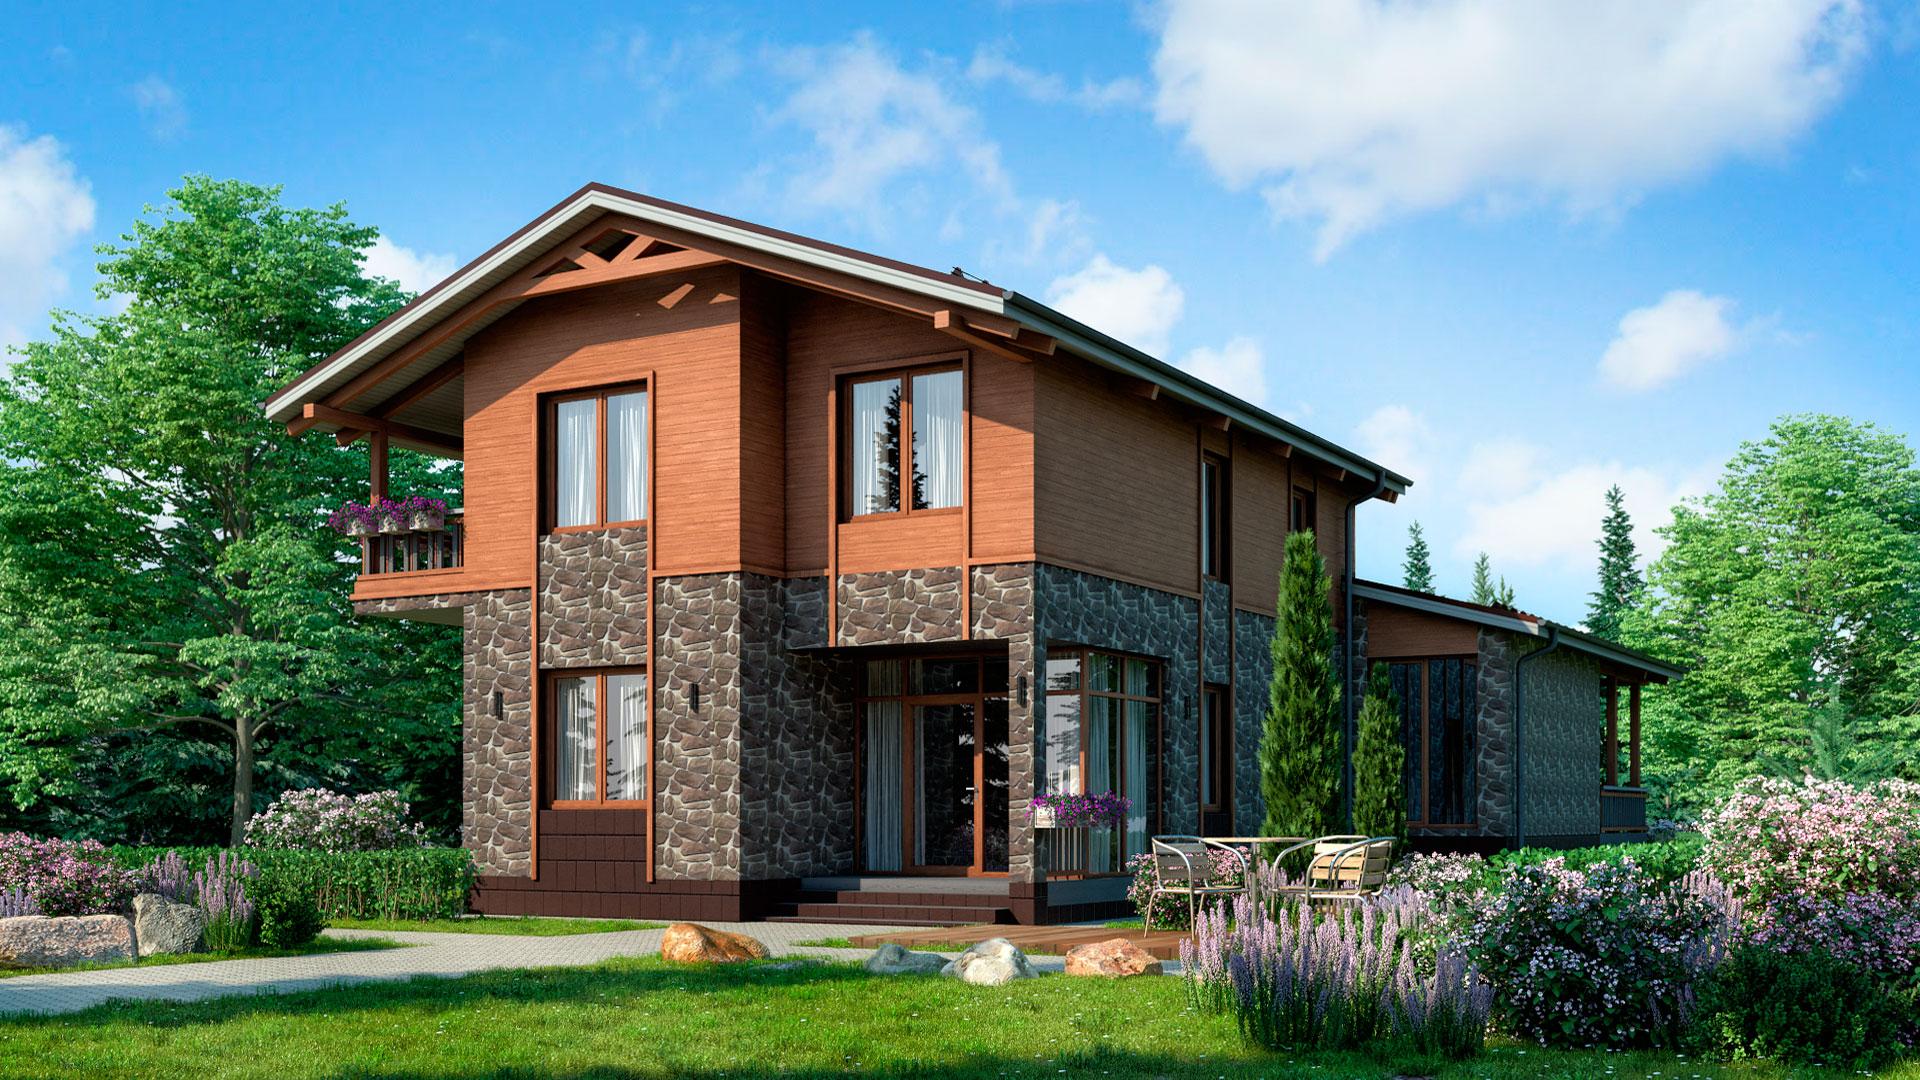 Передний фасад загородного дома 18 на 11 двухэтажного, проект БЭНПАН БП-294.